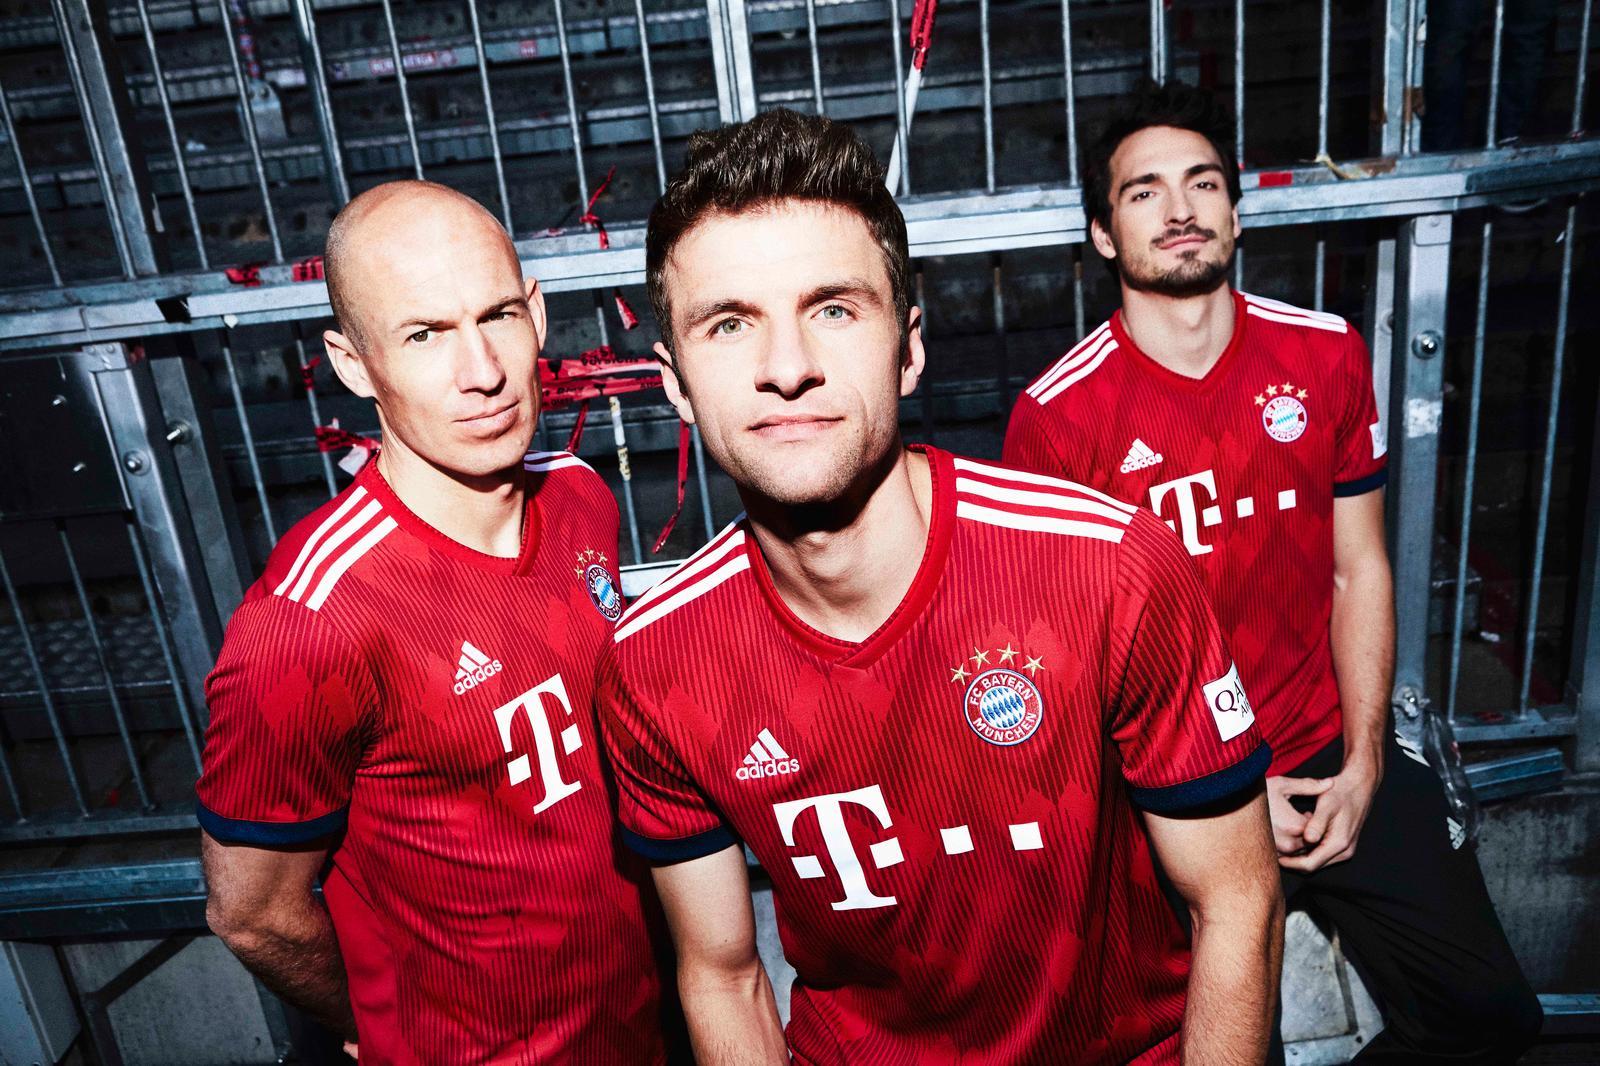 Bayern Munich home jersey 18/19